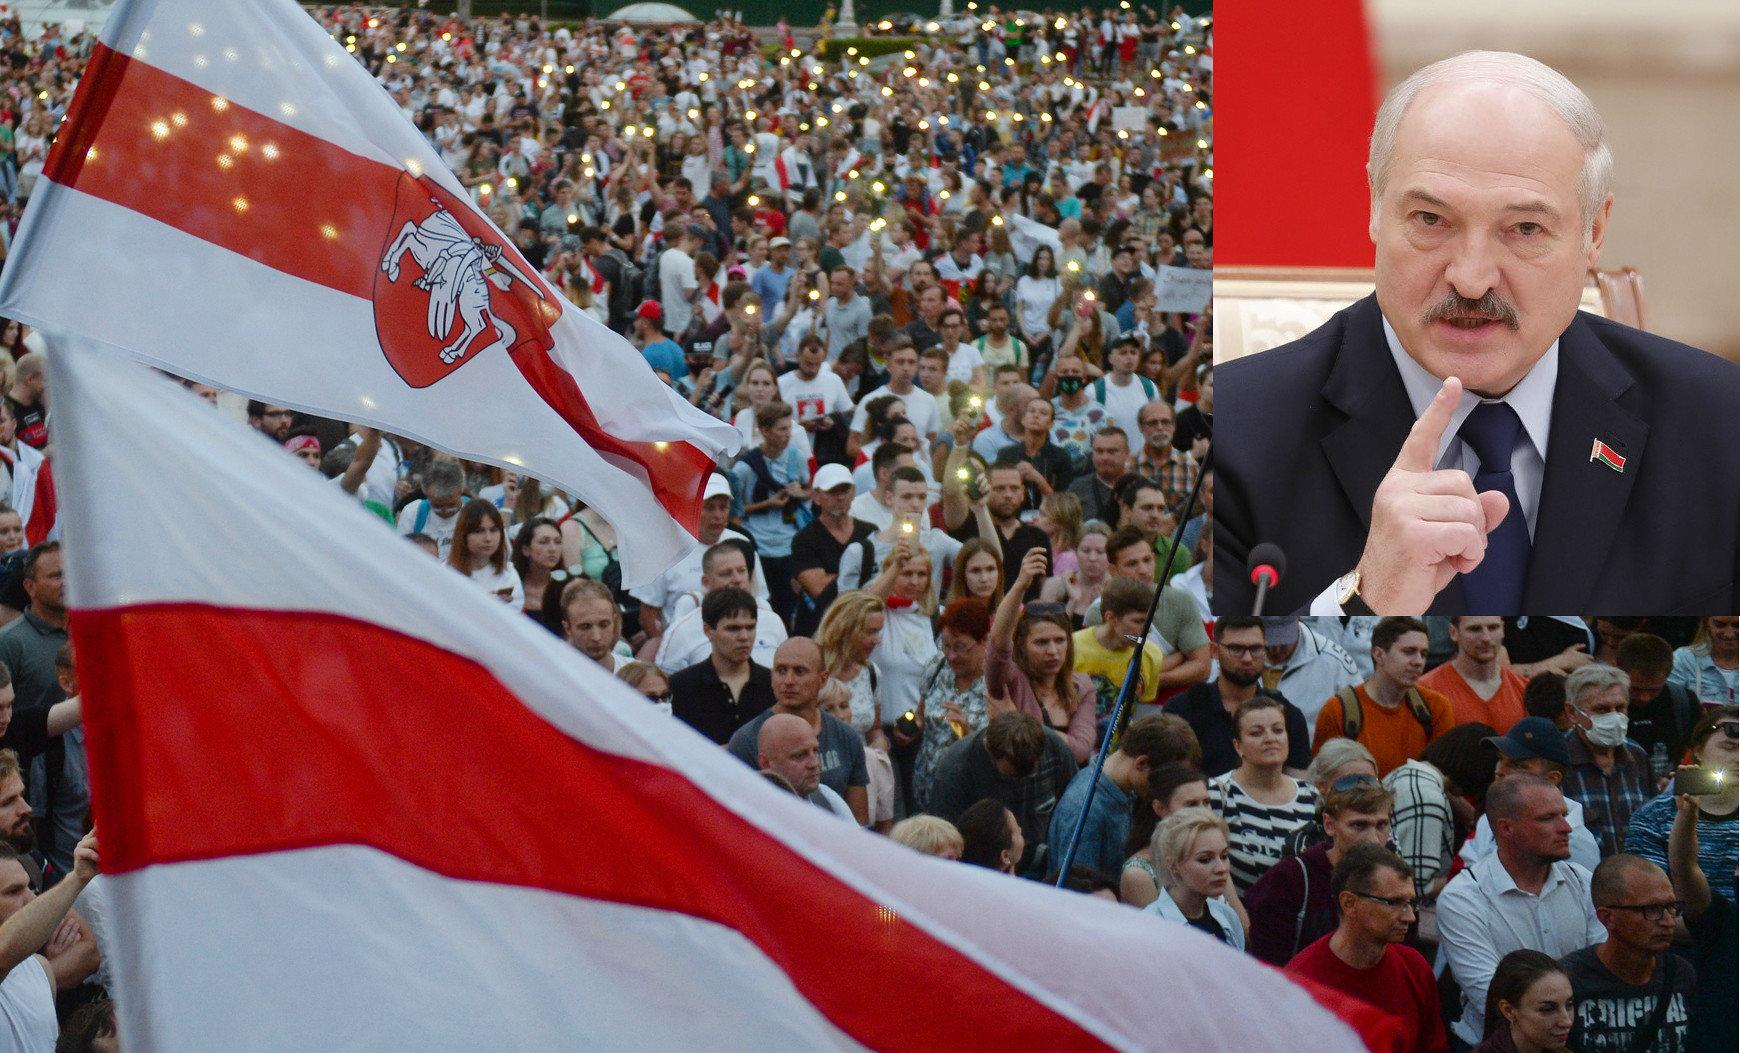 Лукашенко обвинил протестующих в терроризме